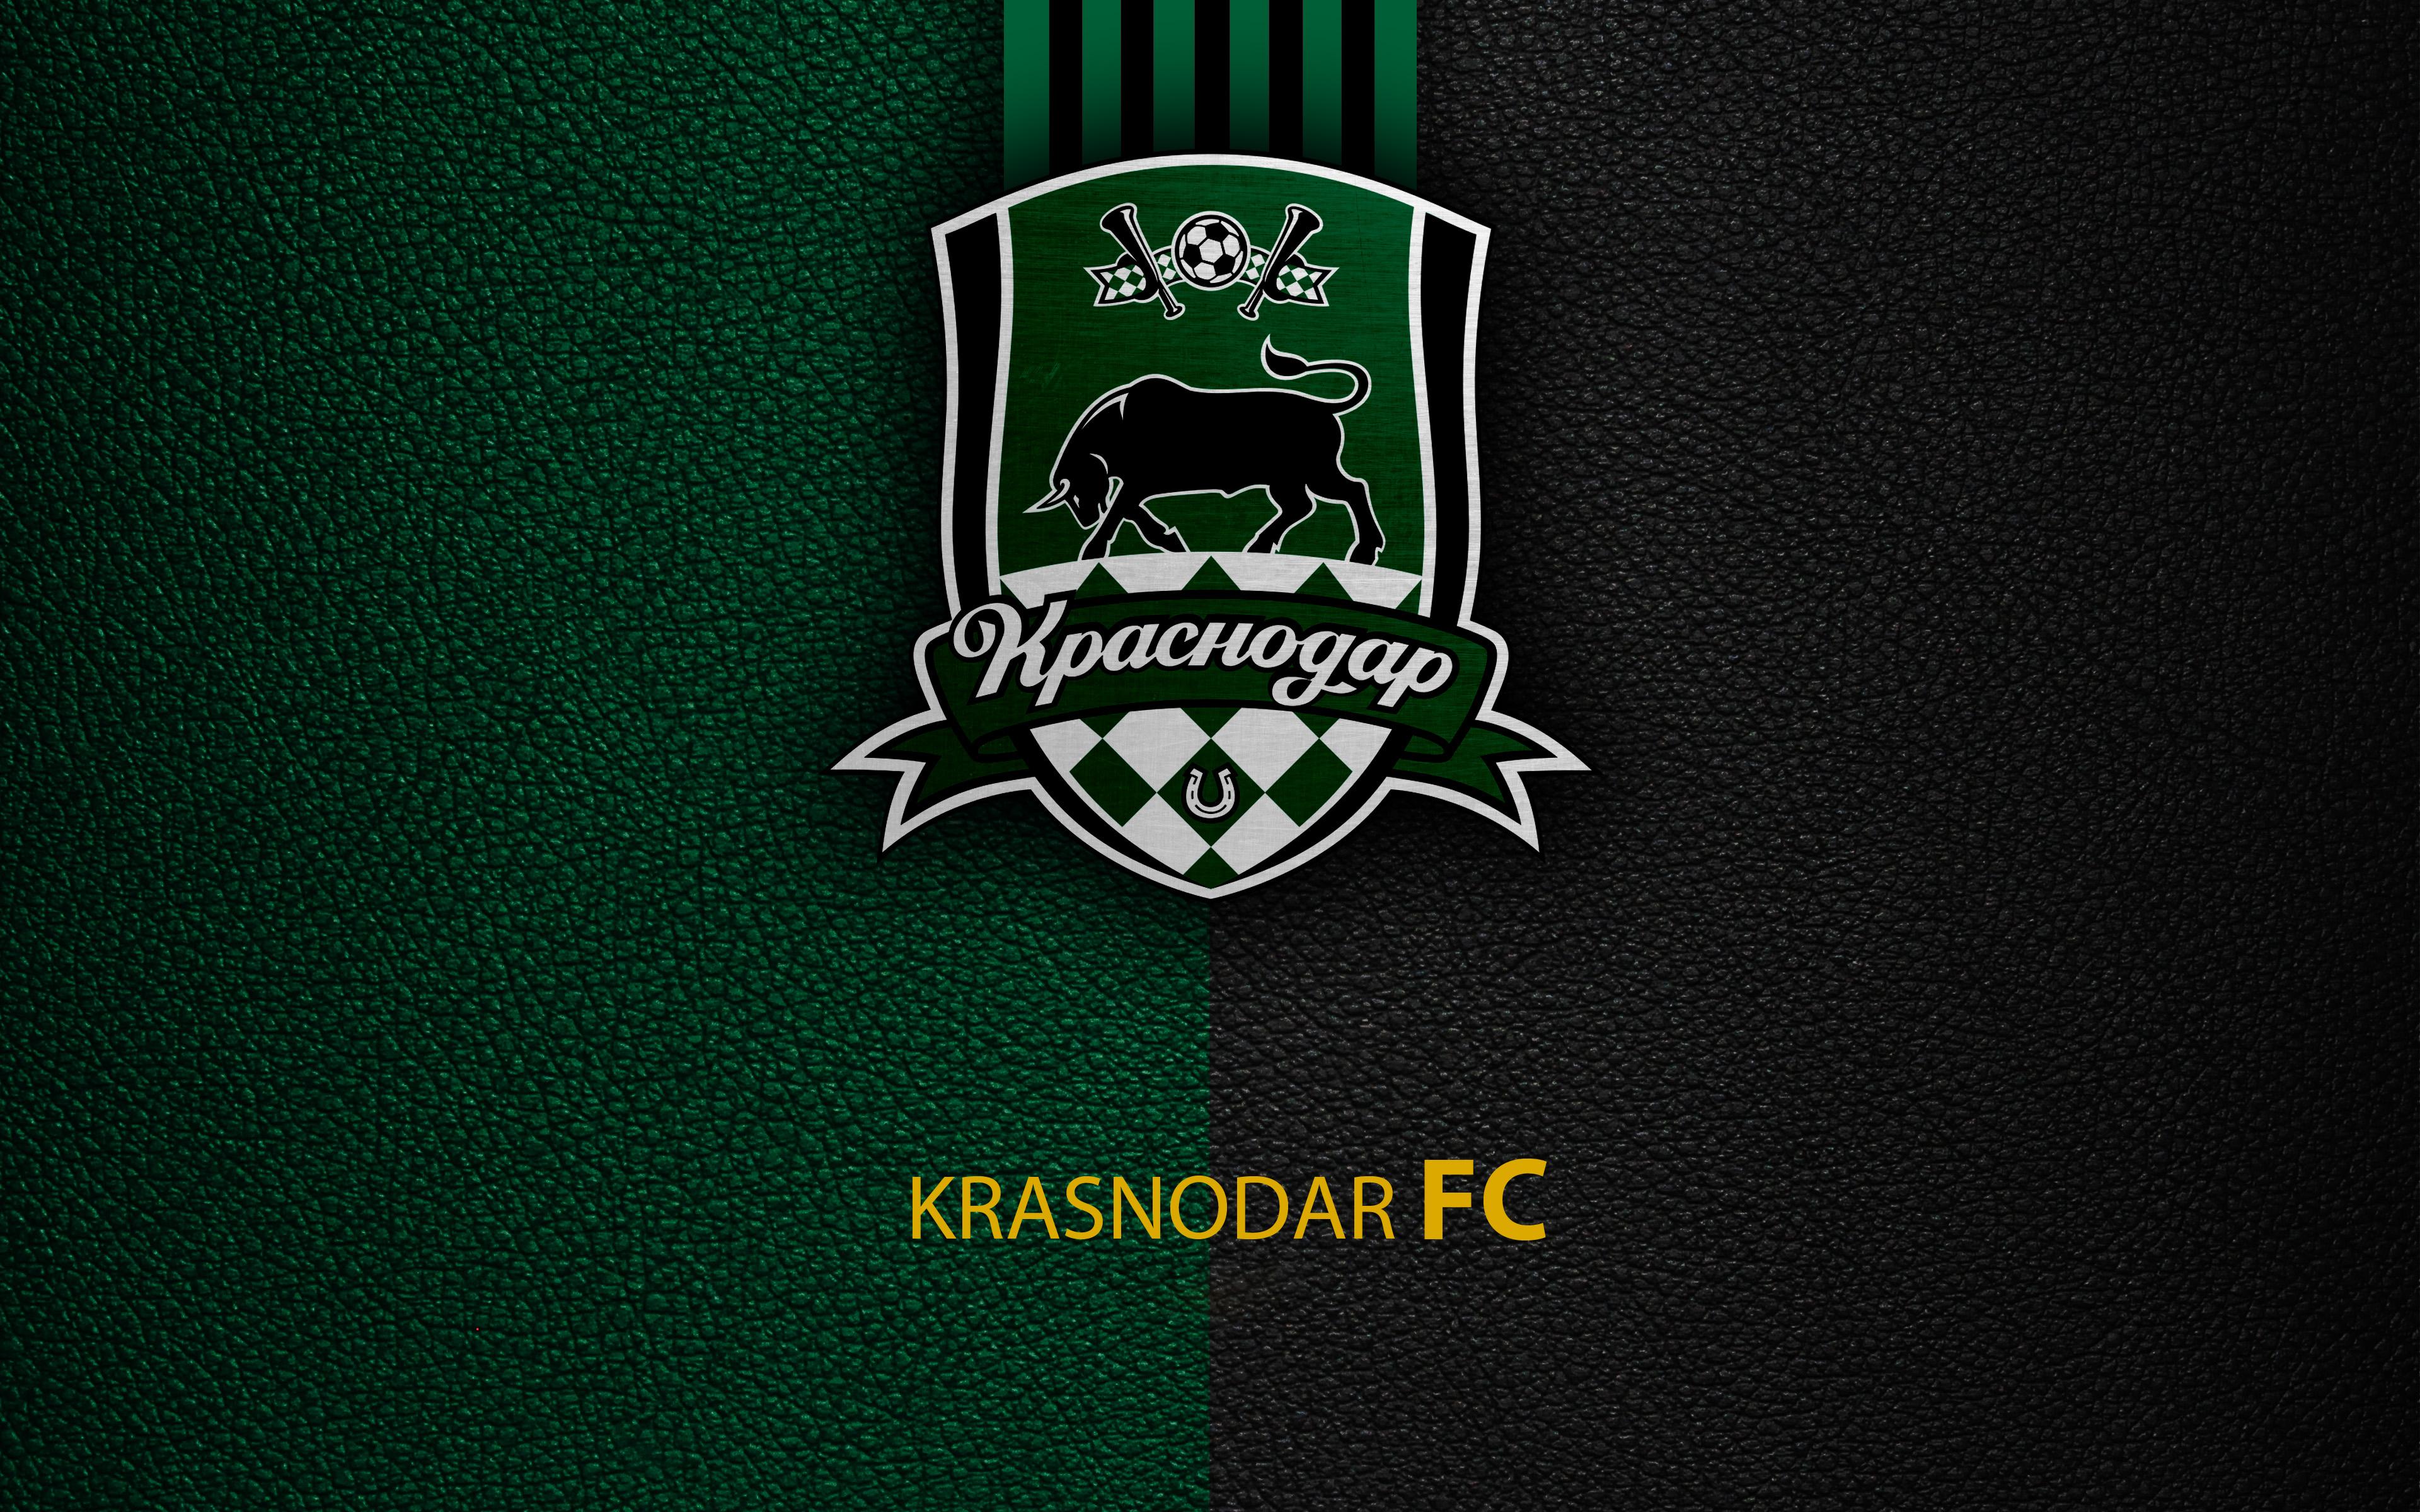 Fc Krasnodar 4k Ultra Hd Wallpaper Achtergrond 3840x2400 Id 984978 Wallpaper Abyss